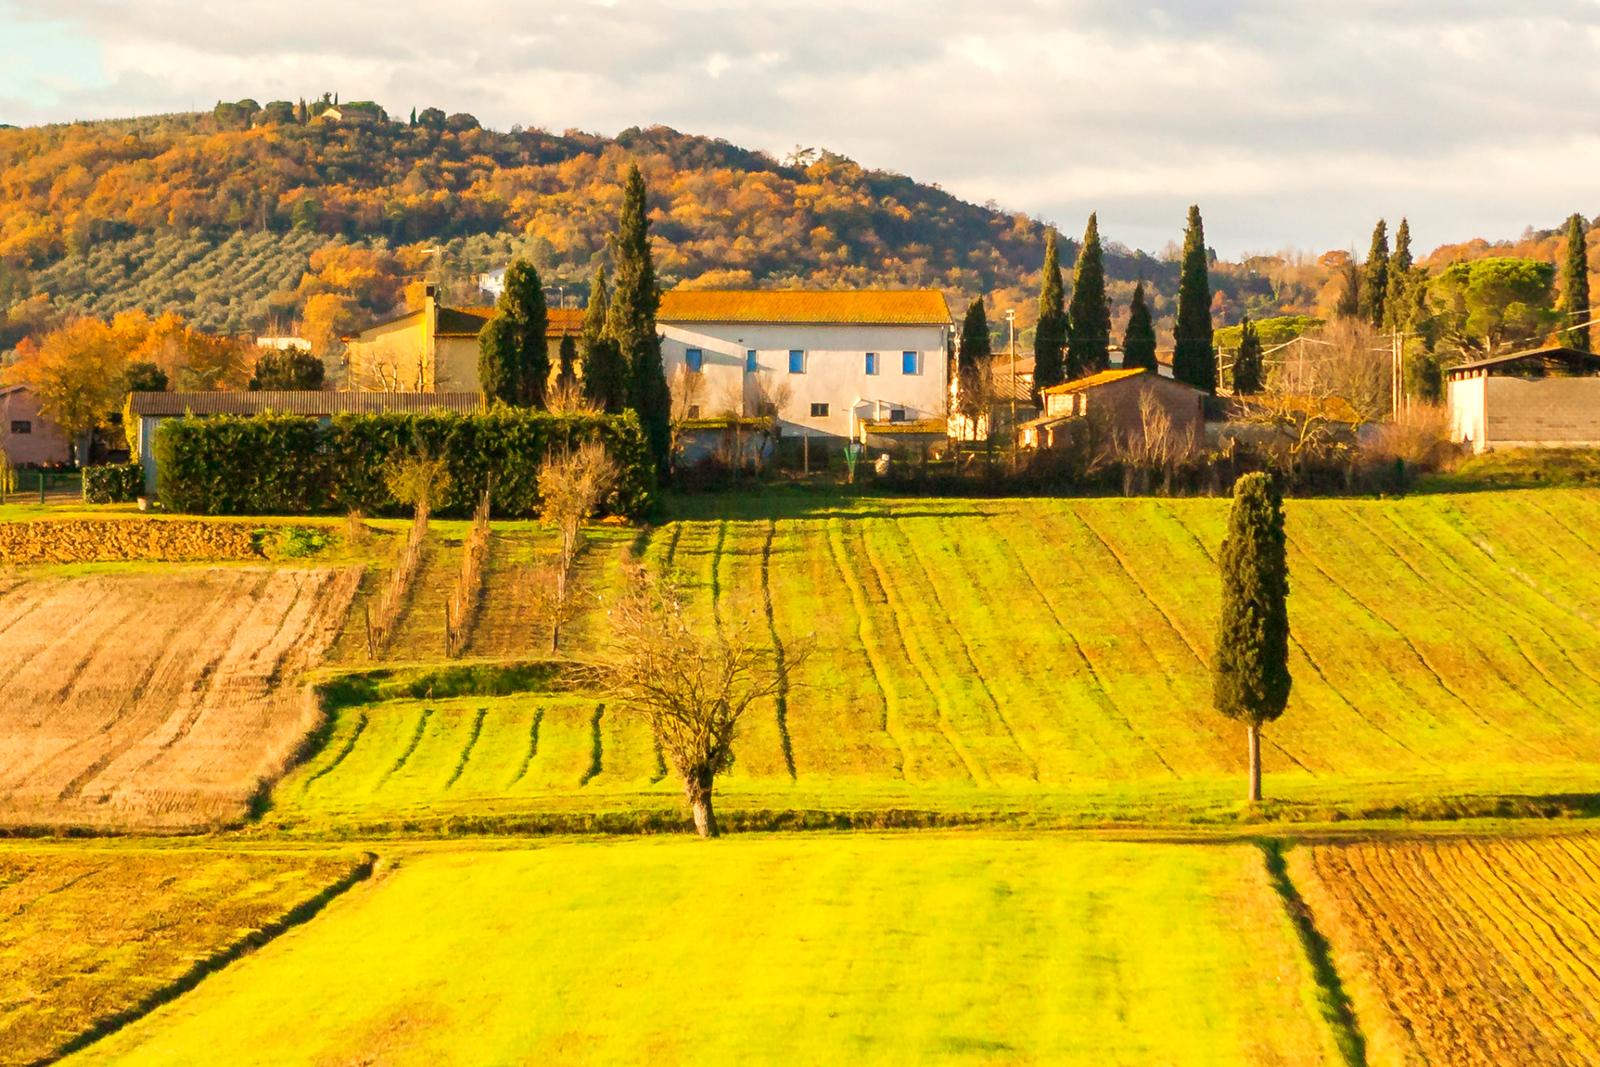 意大利路途,农村的状况